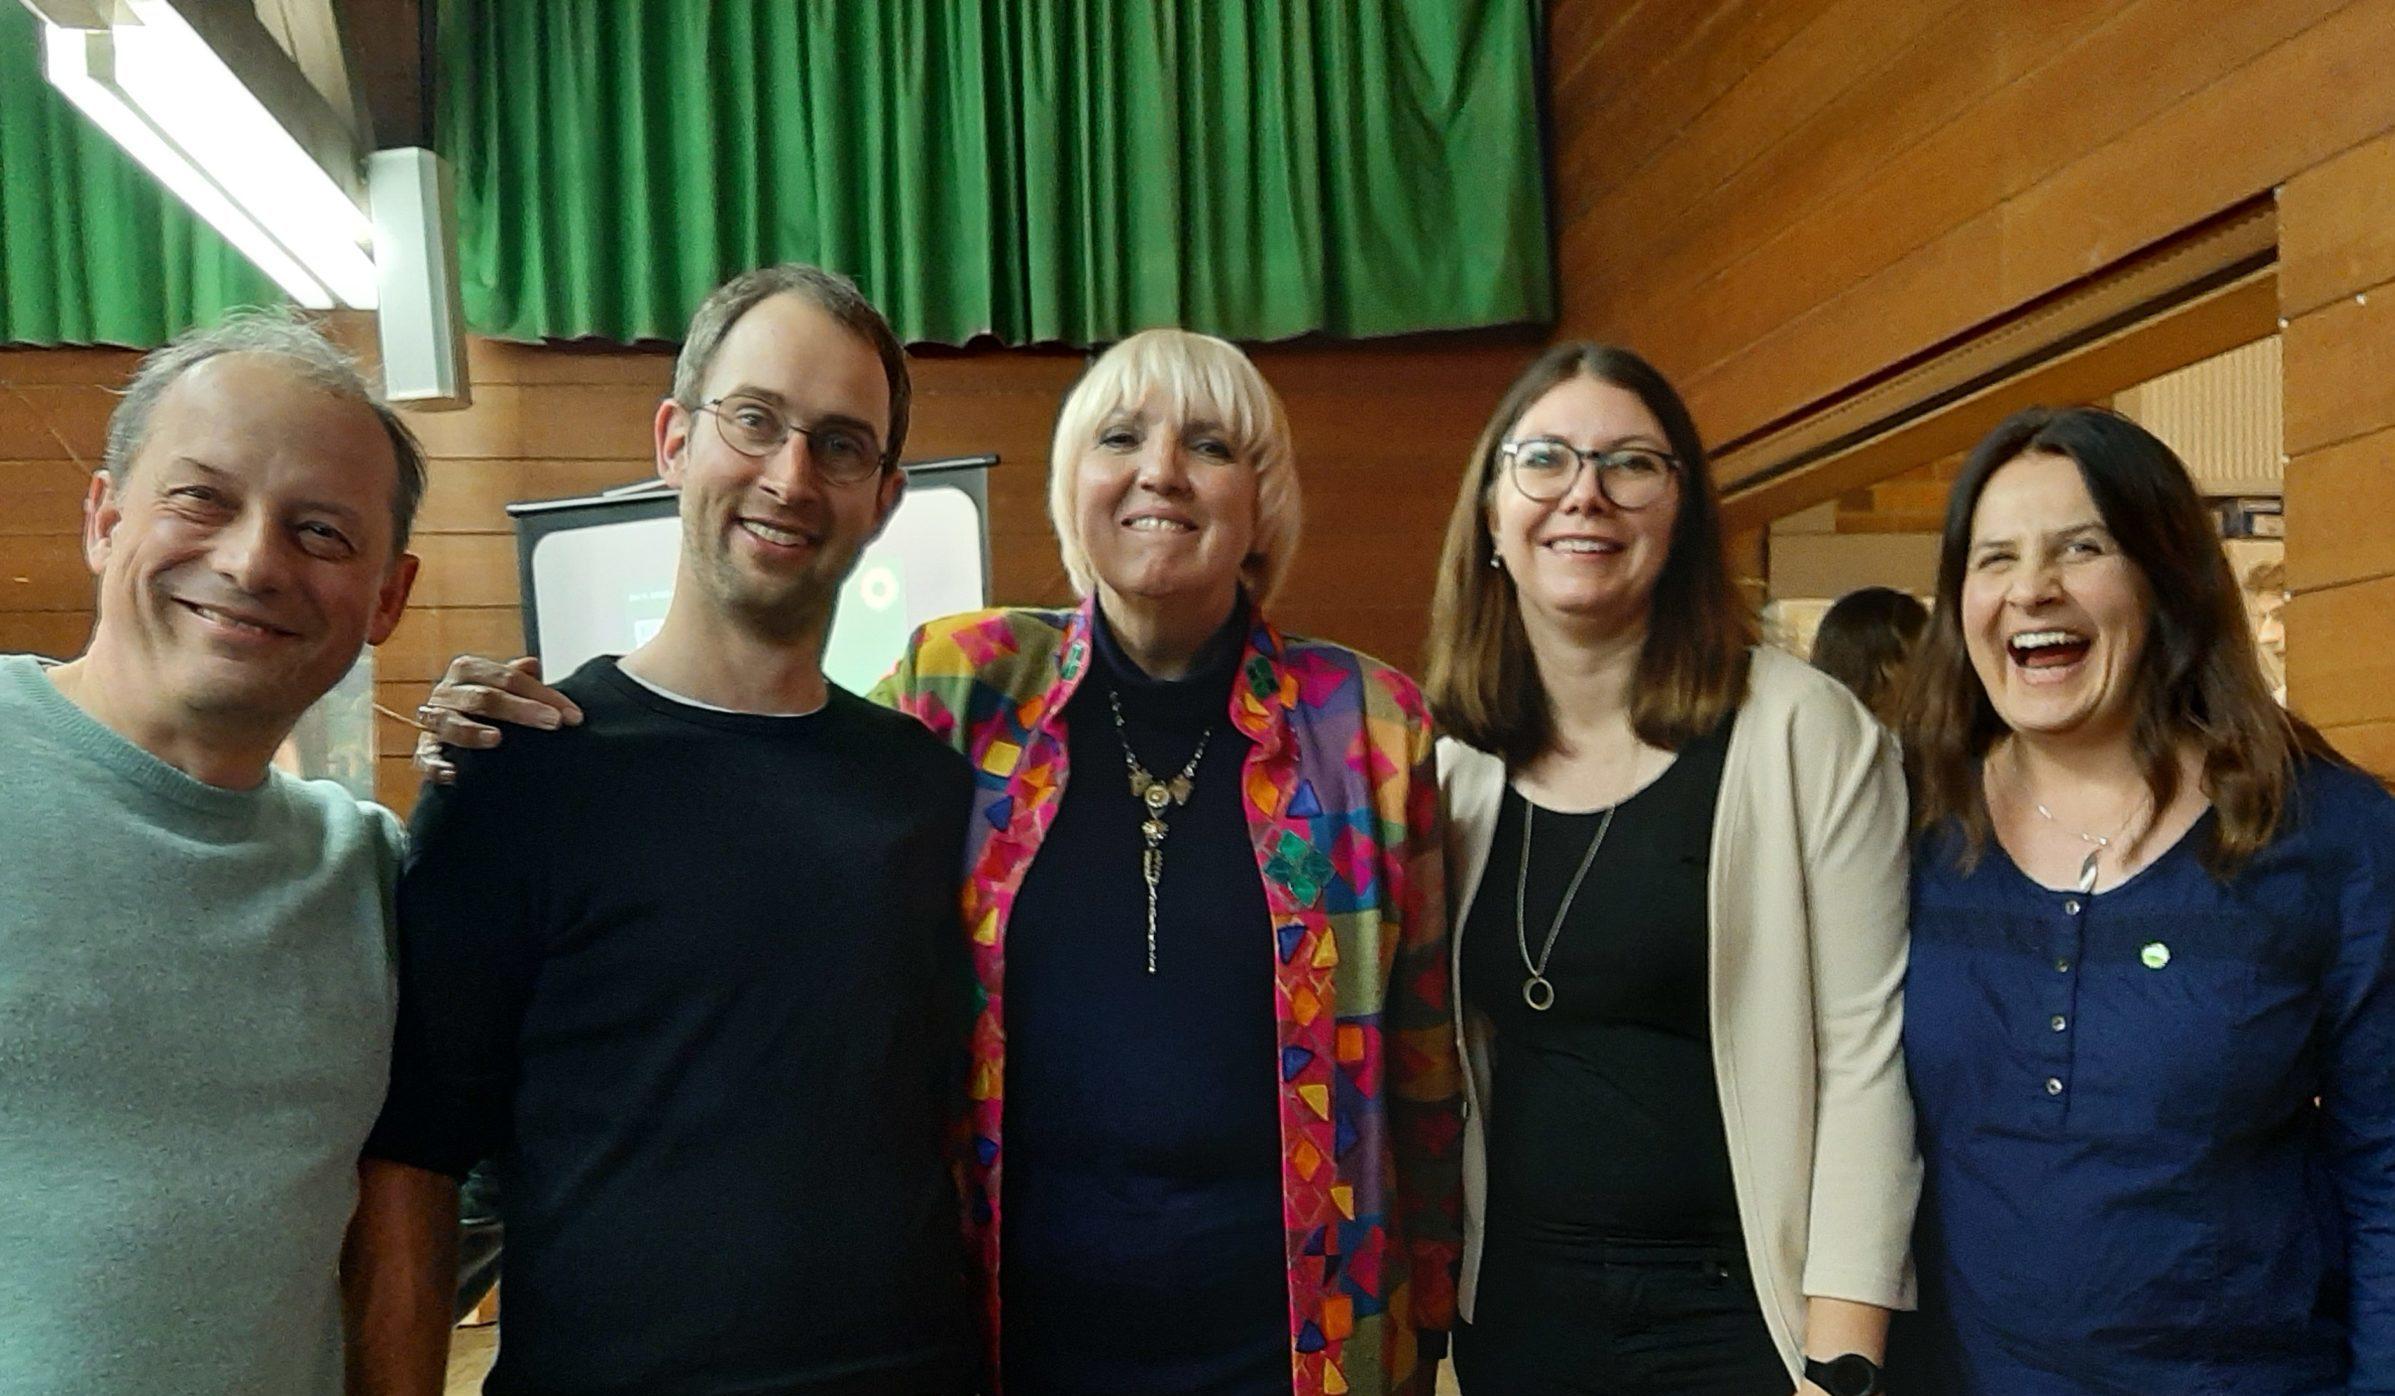 Claudia Roth Begeistert Beim Neujahrsempfang Des Kreisverbands Bundnis 90 Die Grunen Bundnis 90 Die Grunen